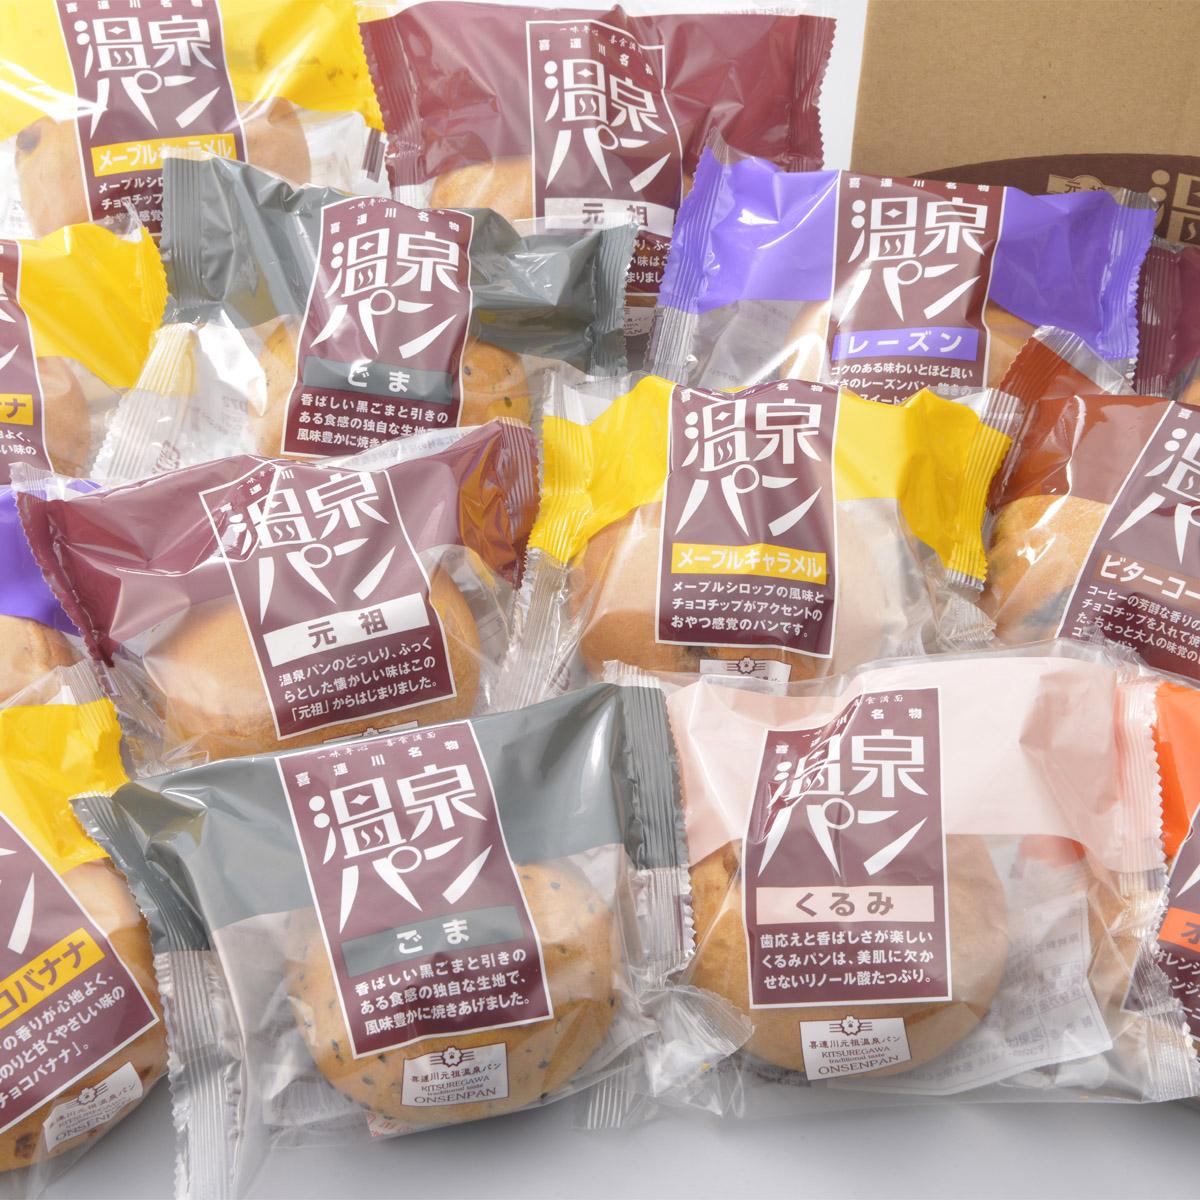 【ふるさと納税】「温泉パン人気セット」 温泉パンシリーズ8種類を詰め合わせました